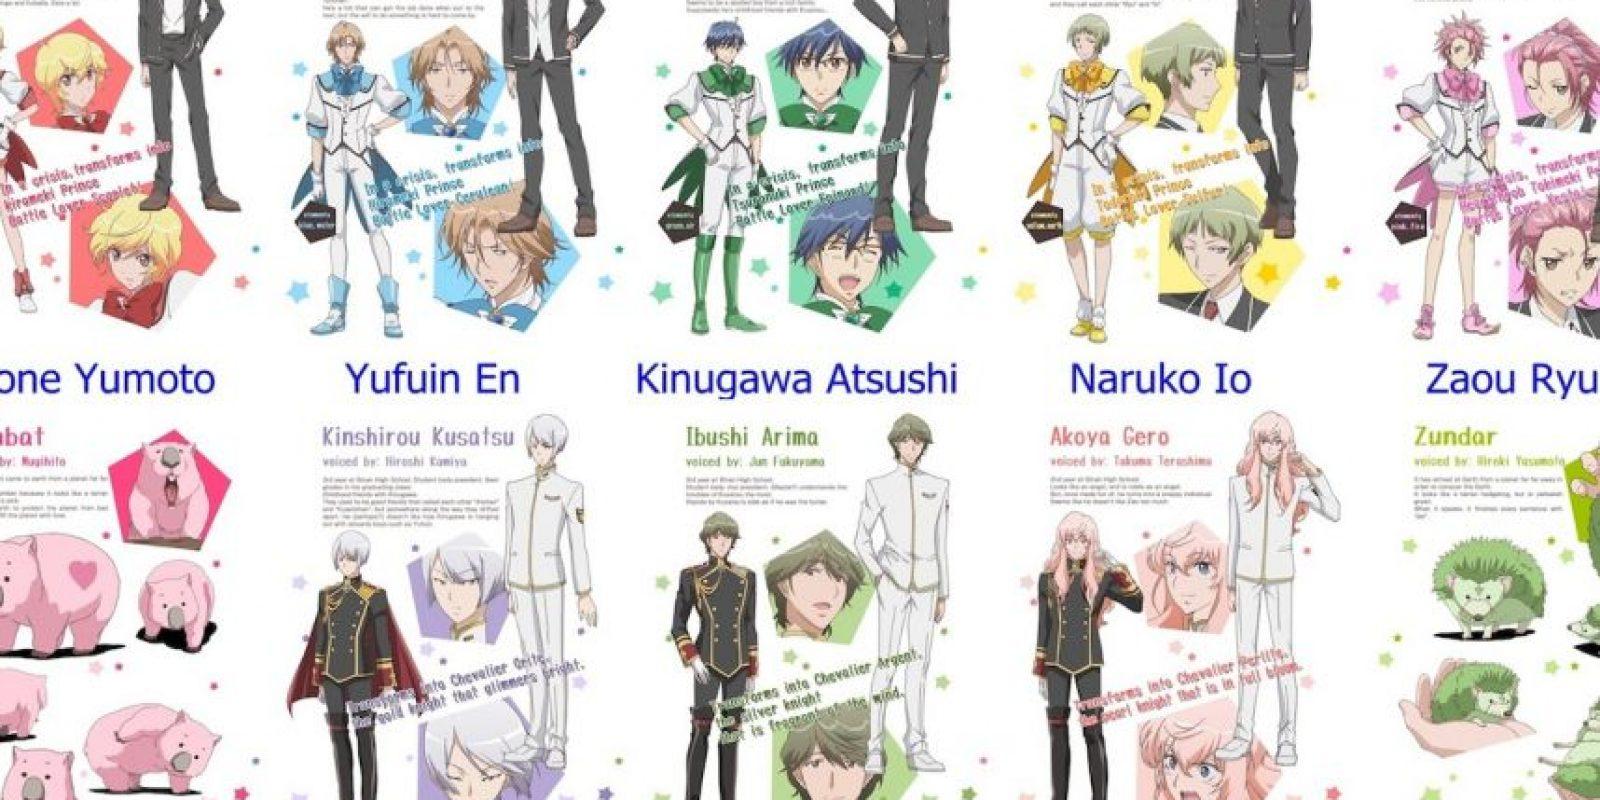 Por supuesto, sus poderes se basan en símbolos que representan paz y amor. Foto:FUNimation Entertainment